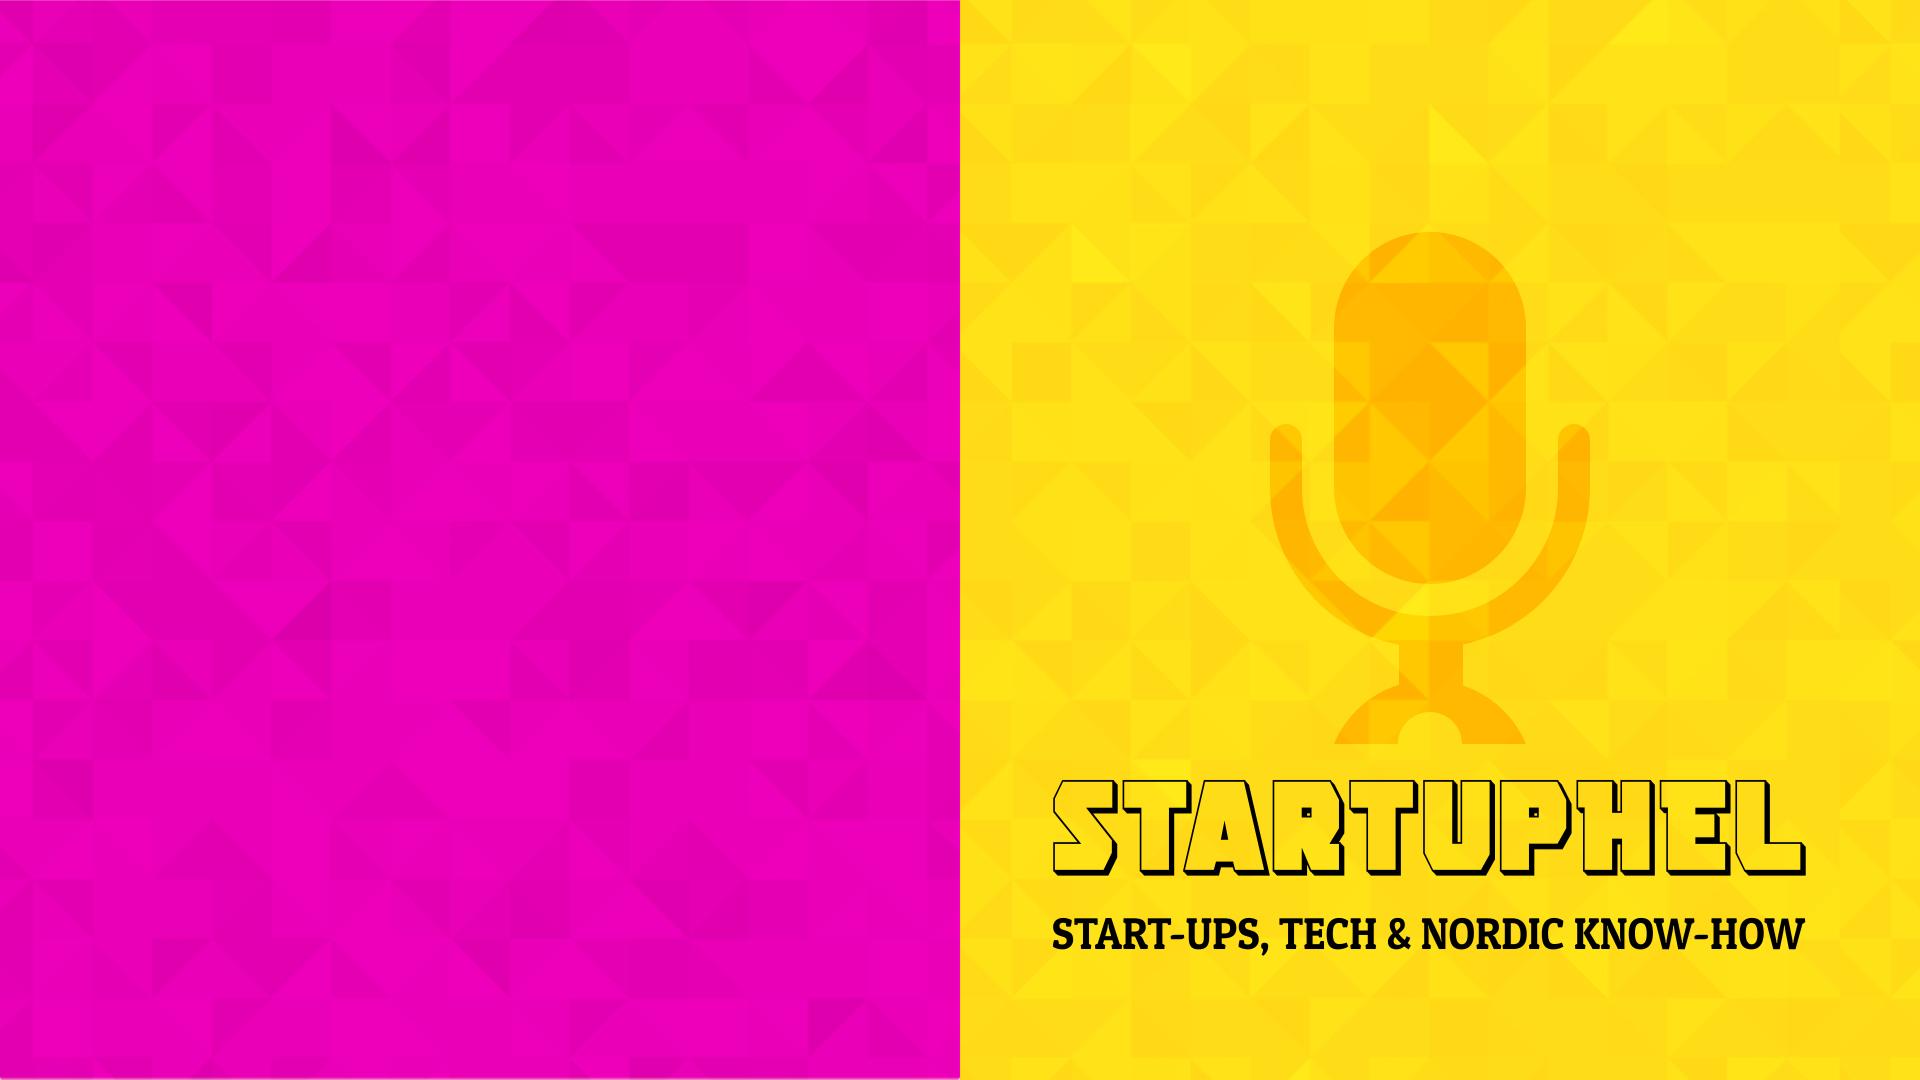 startup_hel_episode_artowork_v2.0_final.jpeg